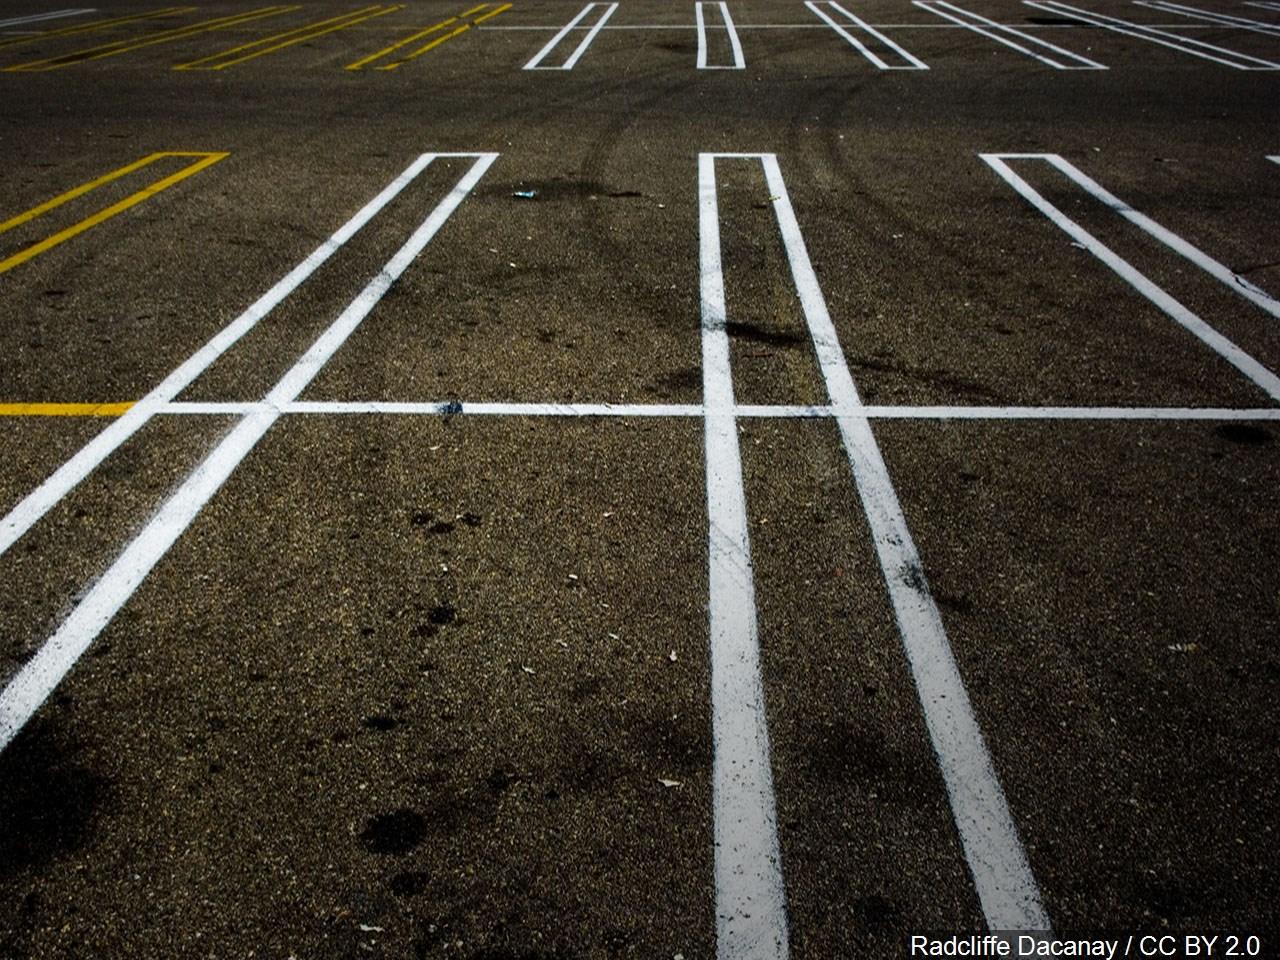 parking spots.jpg